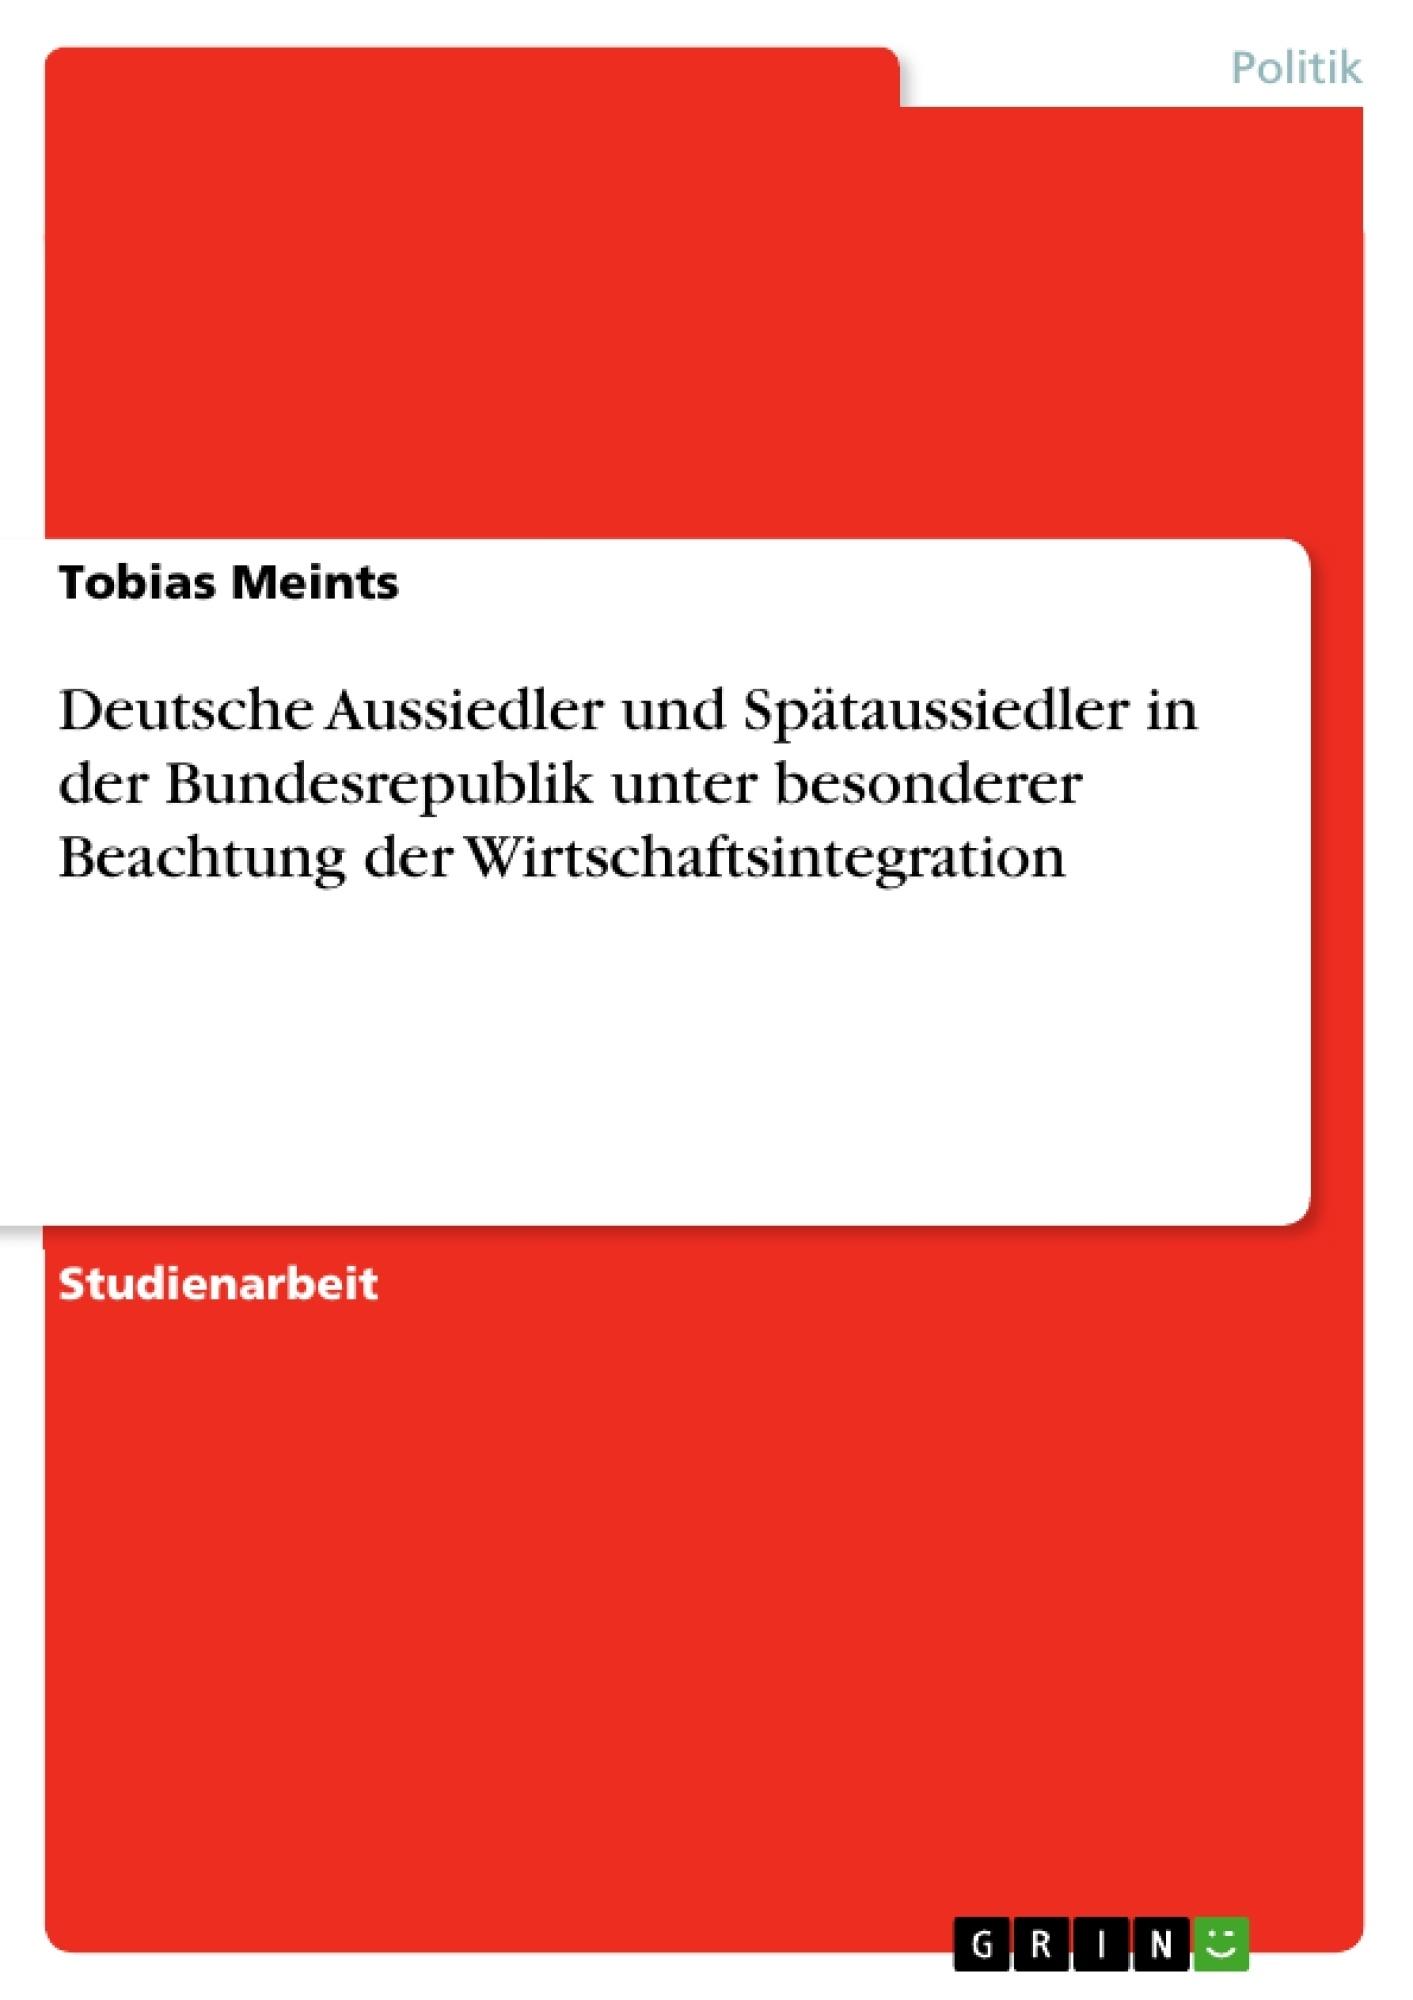 Titel: Deutsche Aussiedler und Spätaussiedler in der Bundesrepublik unter besonderer Beachtung der Wirtschaftsintegration